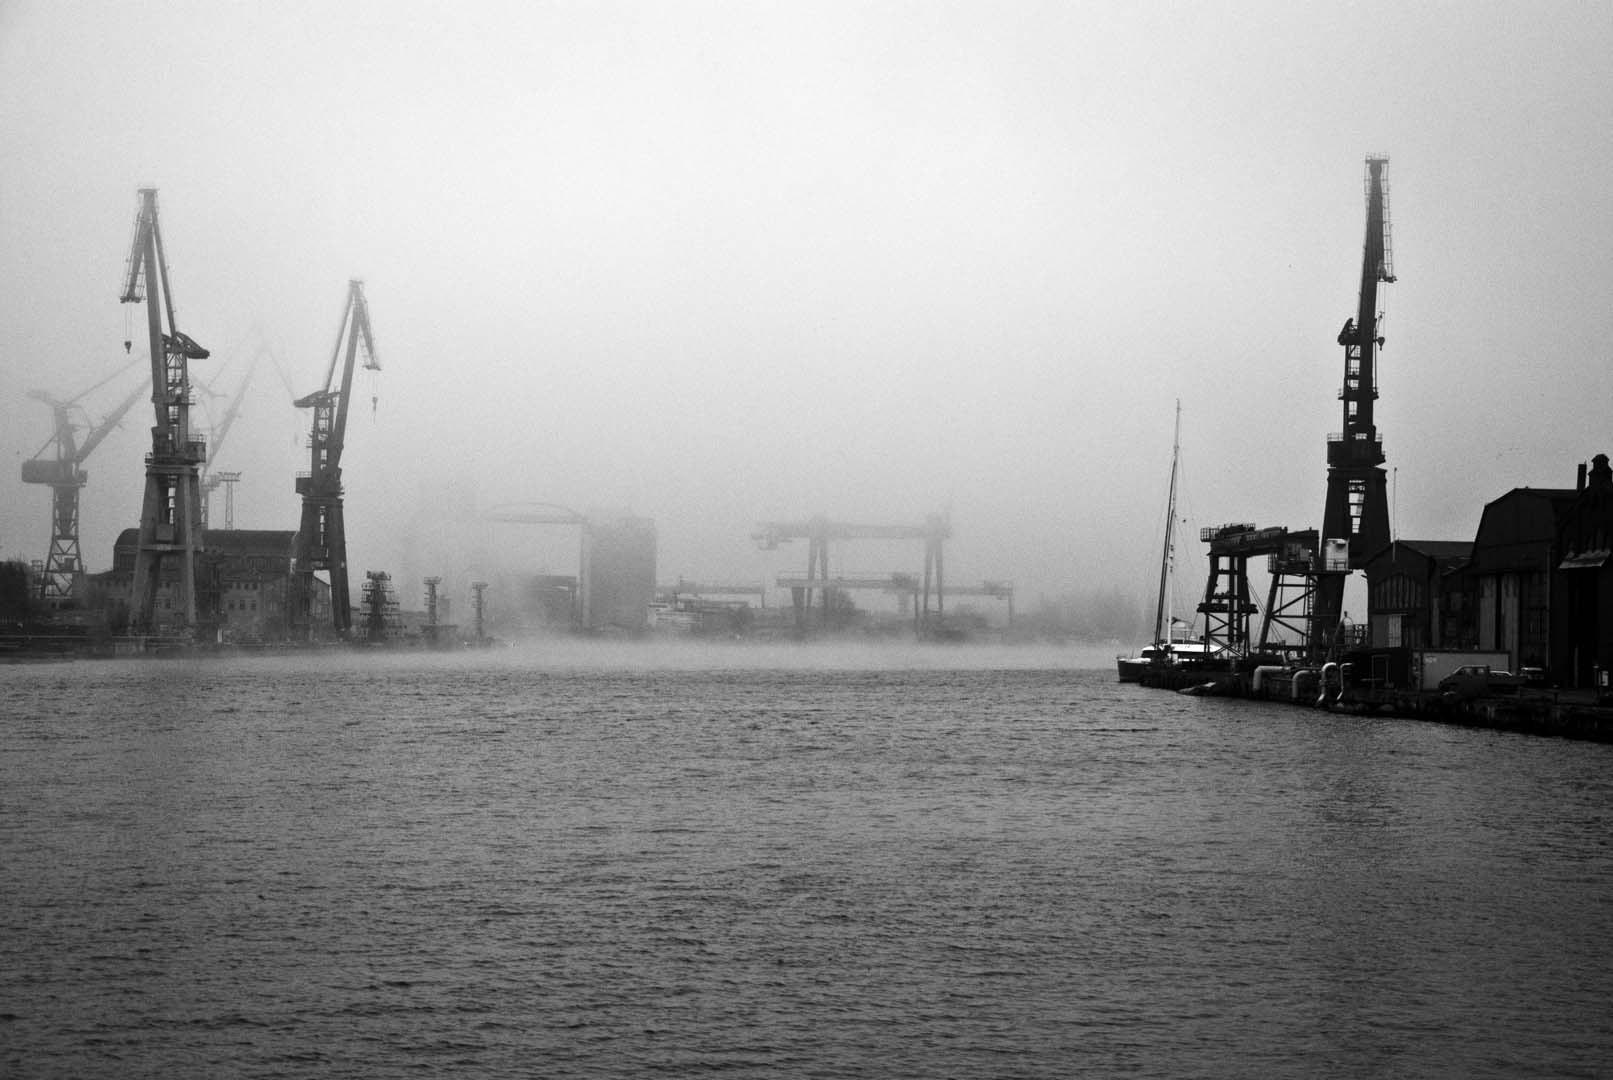 Cantieri navali di Danzica, 2011.